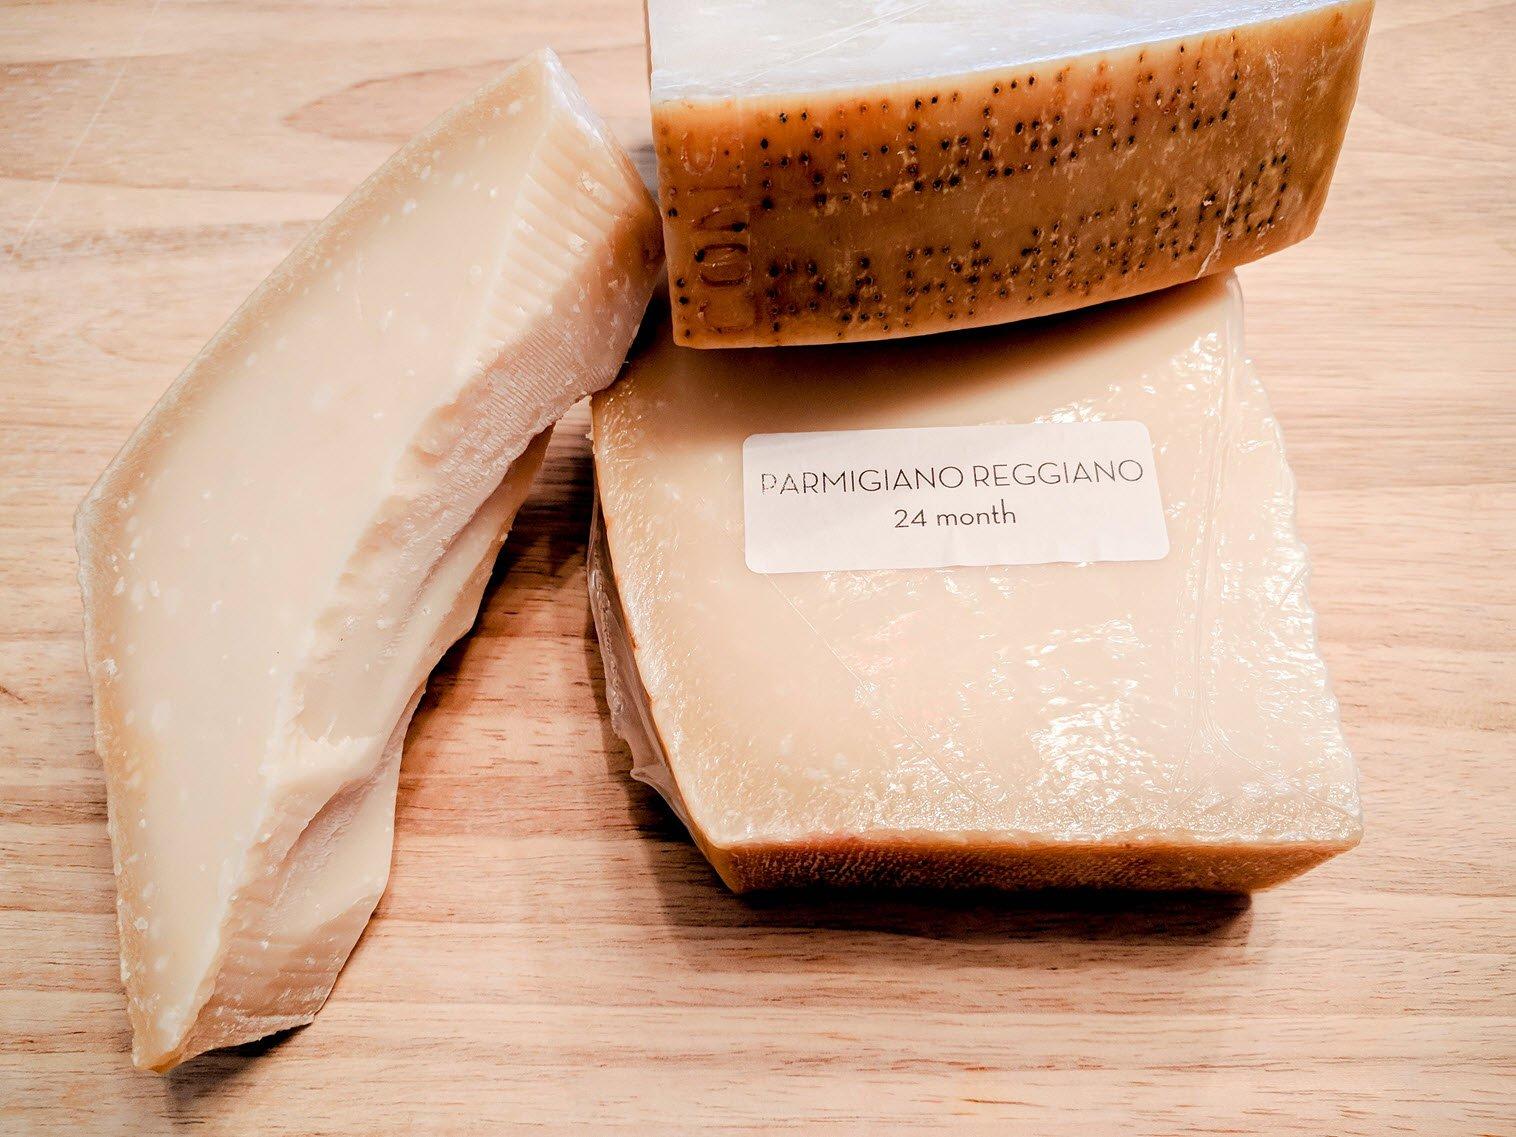 Parmigiano Reggiano Cheese